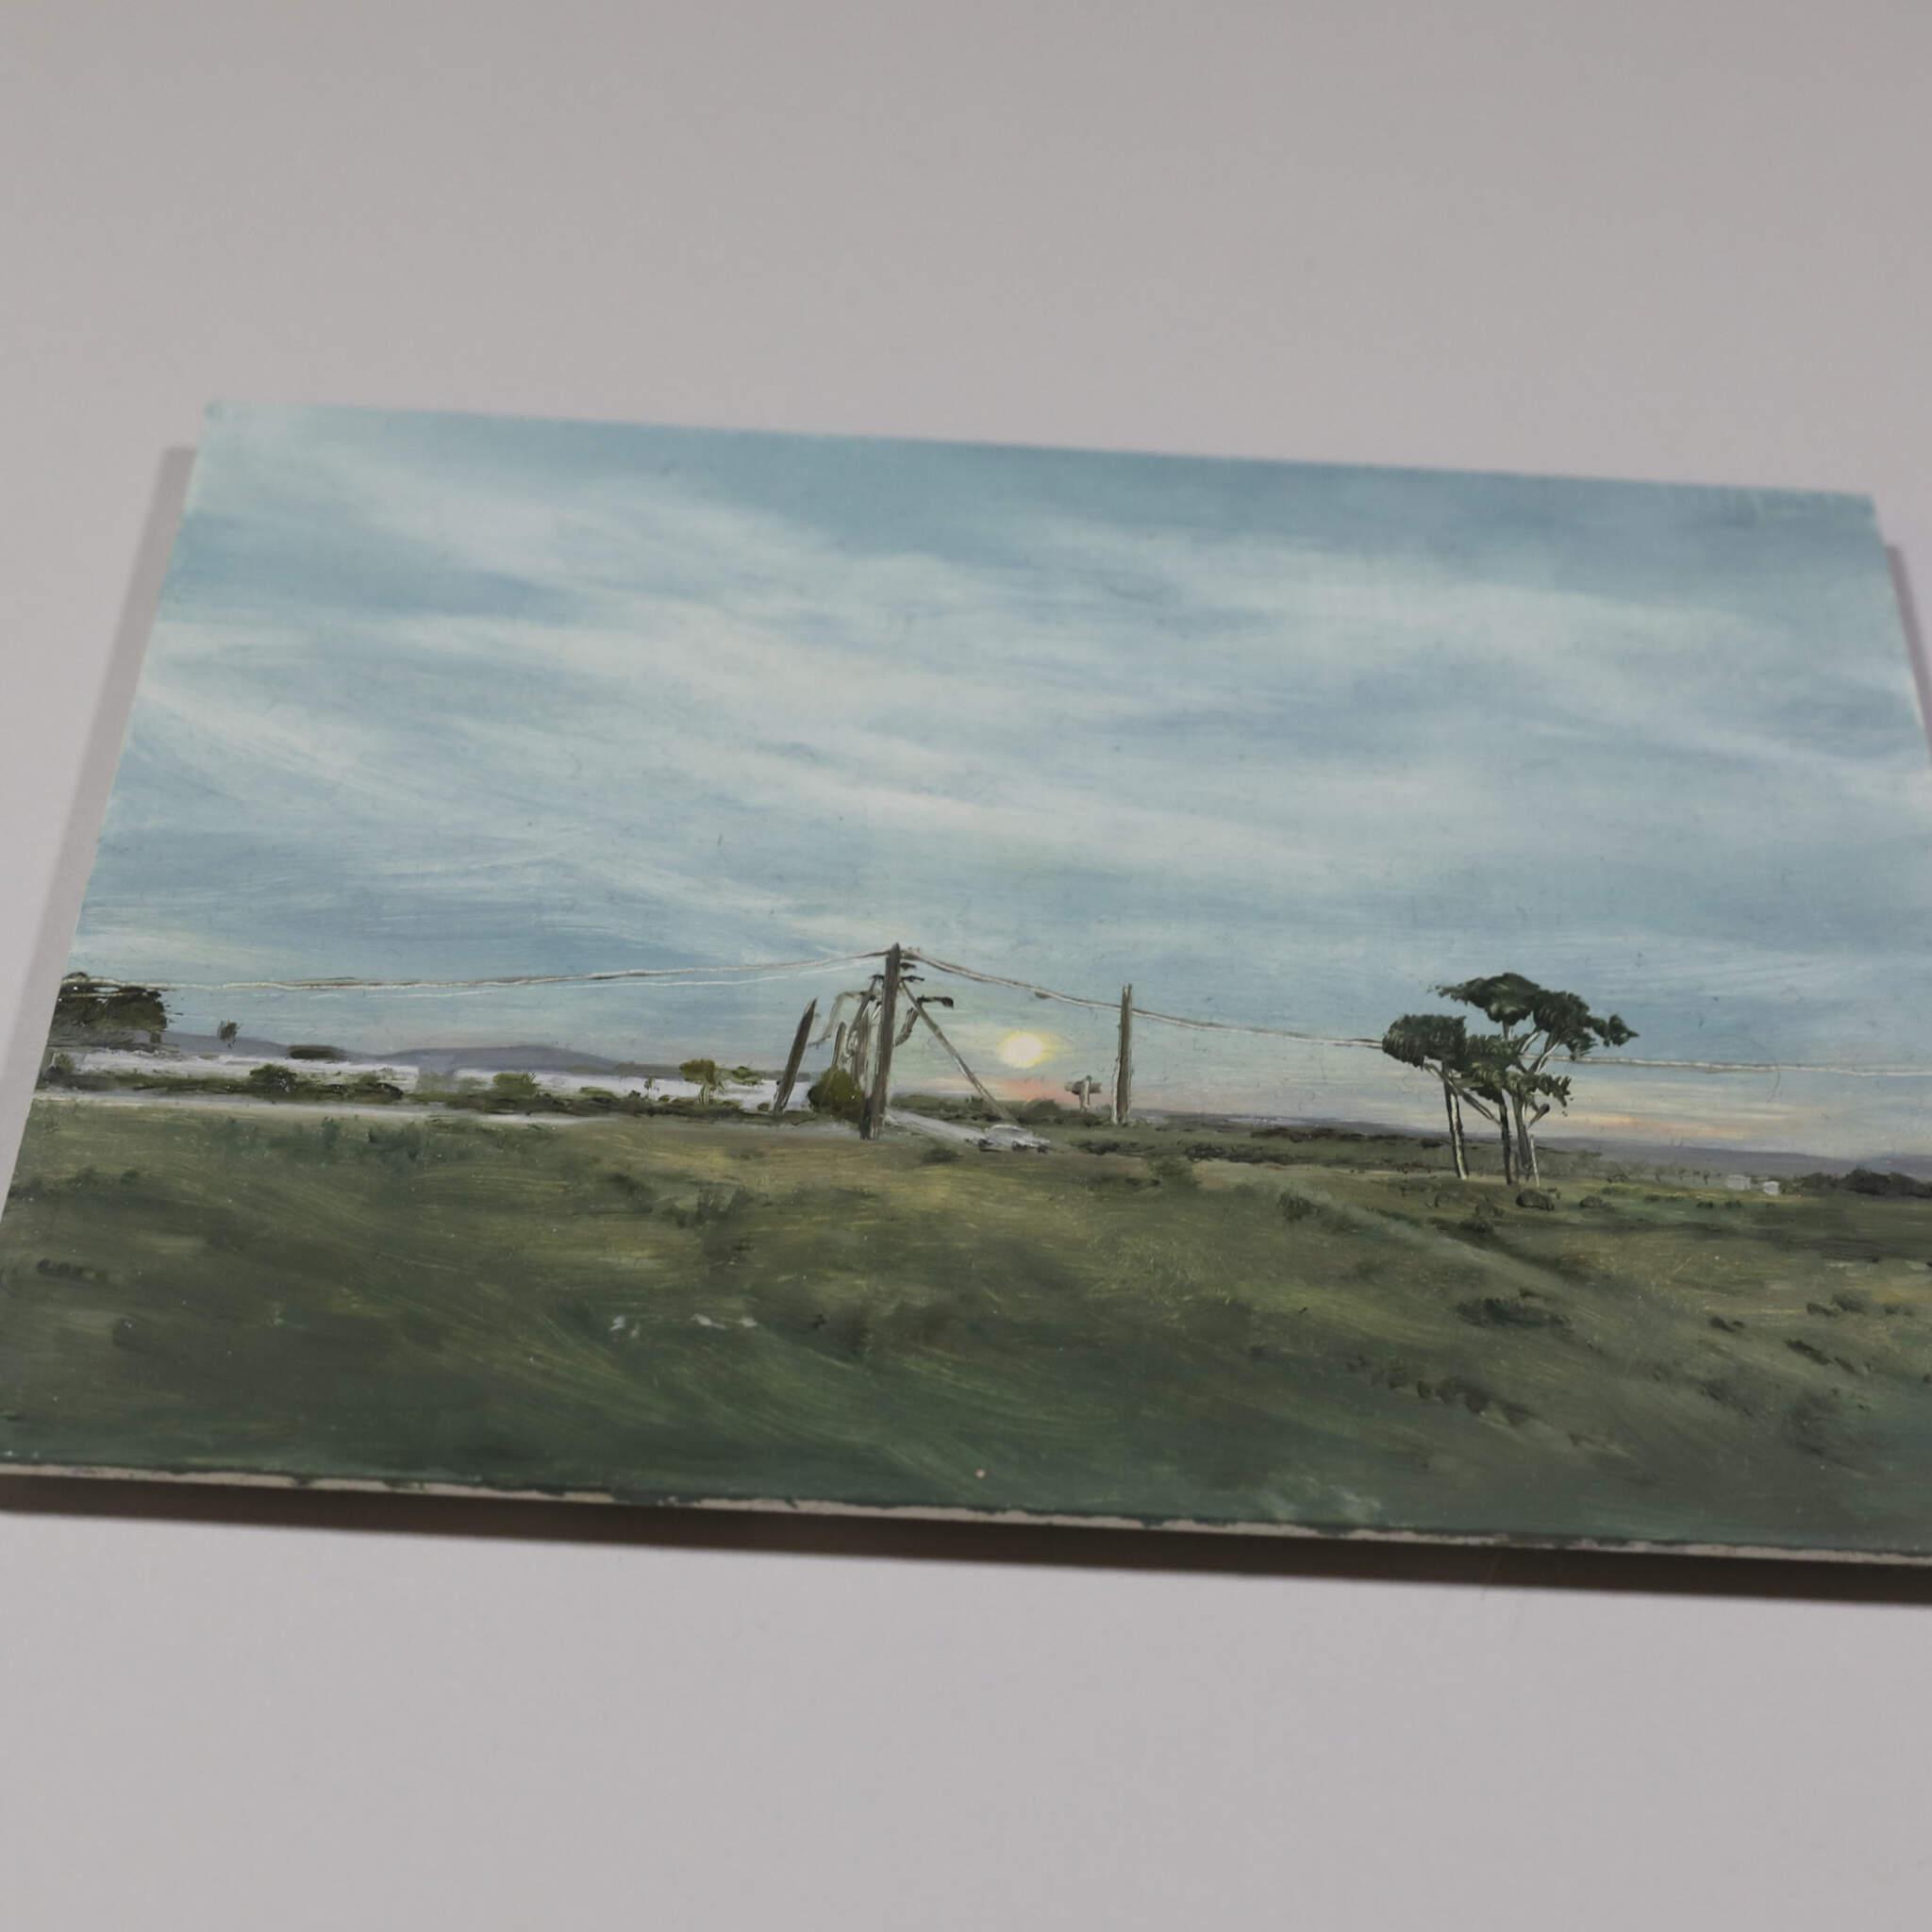 D3DE82A5 0B78 4101 B1F4 7D5C3804E15E - Geelong To Melbourne II by Jackie Clark